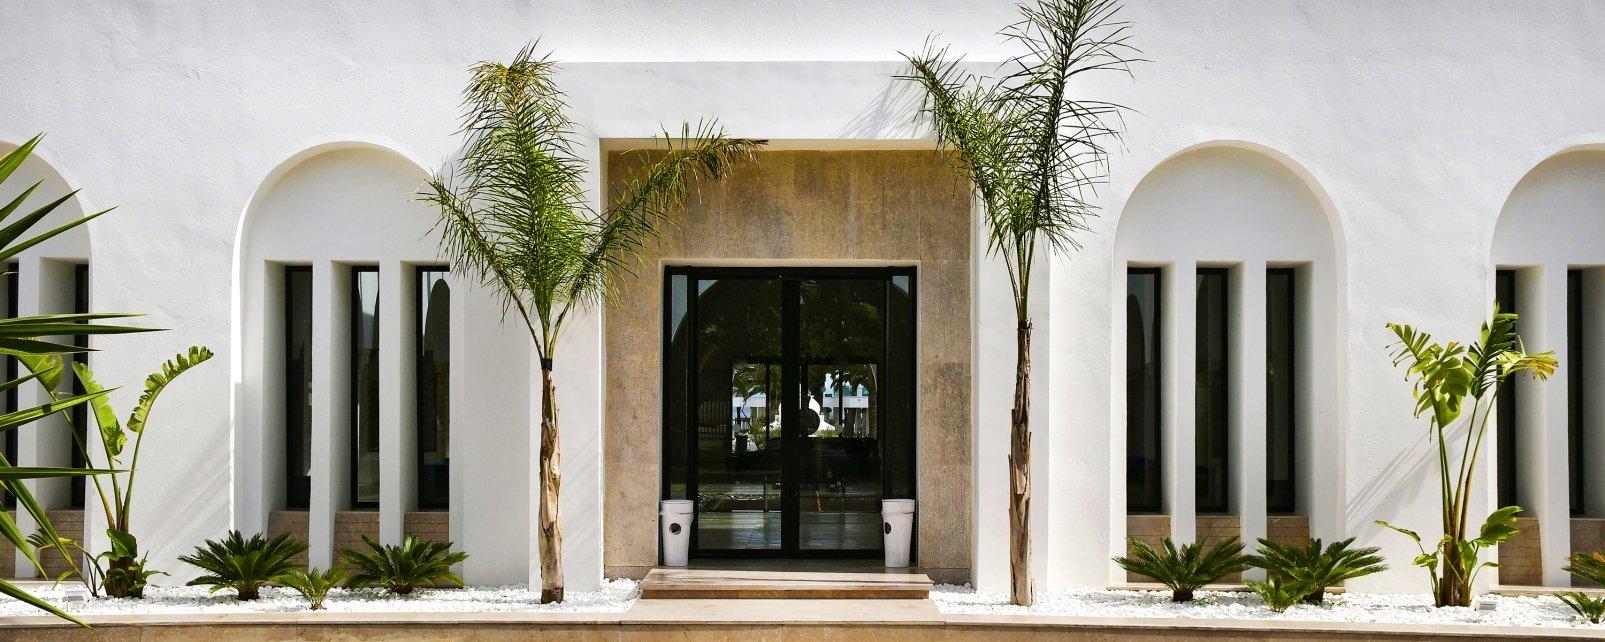 Hôtel LTI Les Orangers Garden Villas & Bungalows